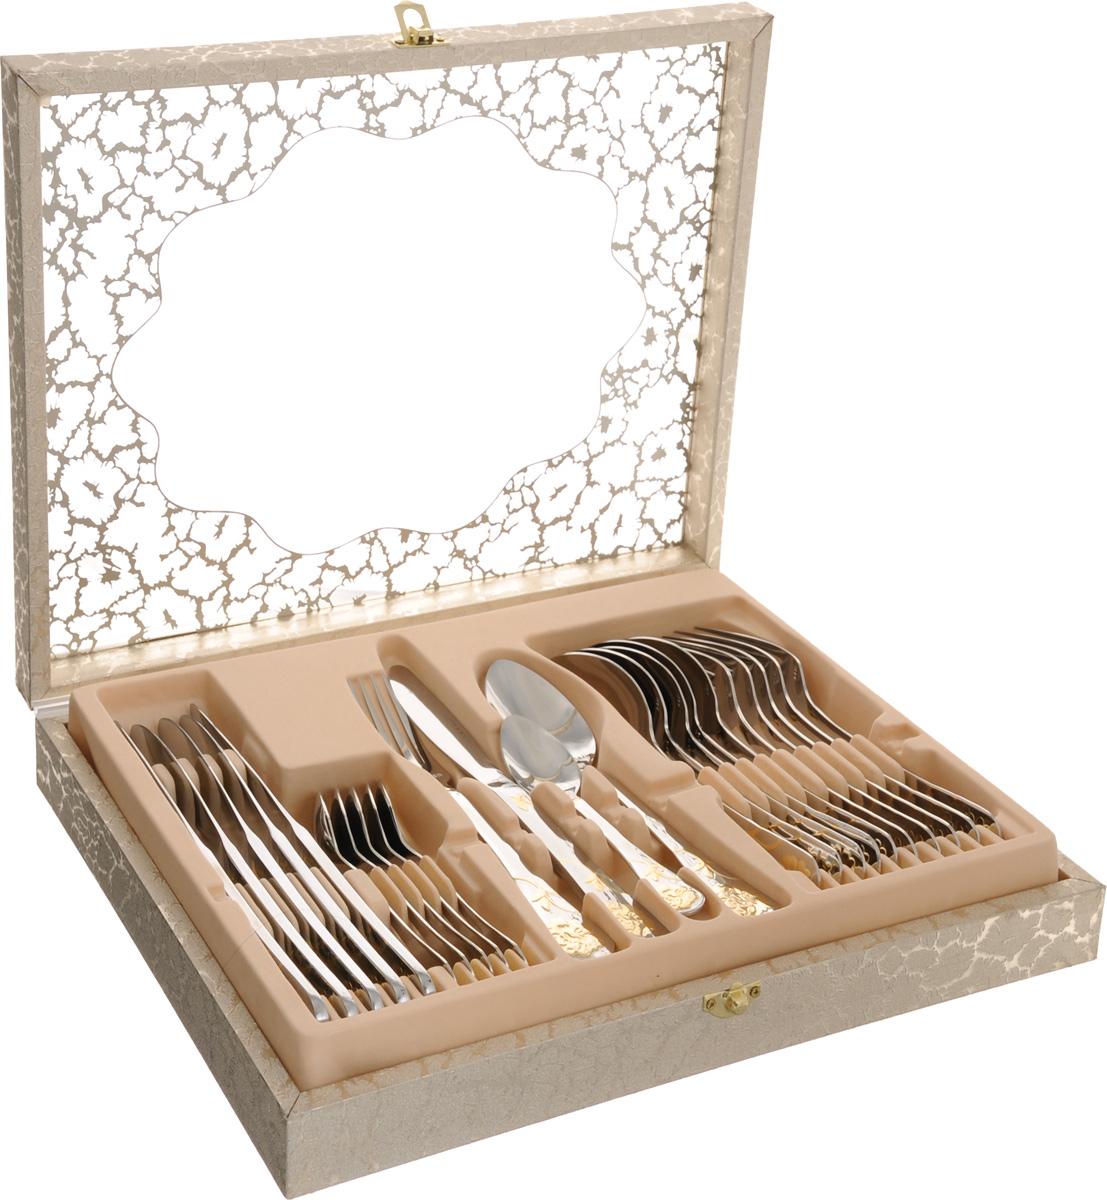 Набор столовых приборов Mayer&Boch, 24 предмета. 2335223352Набор Mayer & Boch состоит из 24 предметов: 6 столовых ножей, 6 столовых ложек, 6 вилок и 6 чайных ложек. Приборы выполнены из высококачественной нержавеющей стали 18/10. Ручки приборов украшены золотистым рельефным рисунком и зеркальной полировкой. Прекрасное сочетание контрастного дизайна и удобство использования изделий придется по душе каждому. Набор столовых приборов Mayer & Boch подойдет для сервировки стола как дома, так и на даче и всегда будет важной частью трапезы, а также станет замечательным подарком. Длина ножа: 23 см. Длина лезвия ножа: 6,5 см.Длина столовой ложки: 20,5 см.Размер рабочей части столовой ложки: 6,5 х 4,5 см.Длина вилки: 20,5 см. Размер рабочей части вилки: 5 х 2,5 см.Длина чайной ложки: 14,5 см. Размер рабочей части чайной ложки: 4,5 х 3 см.